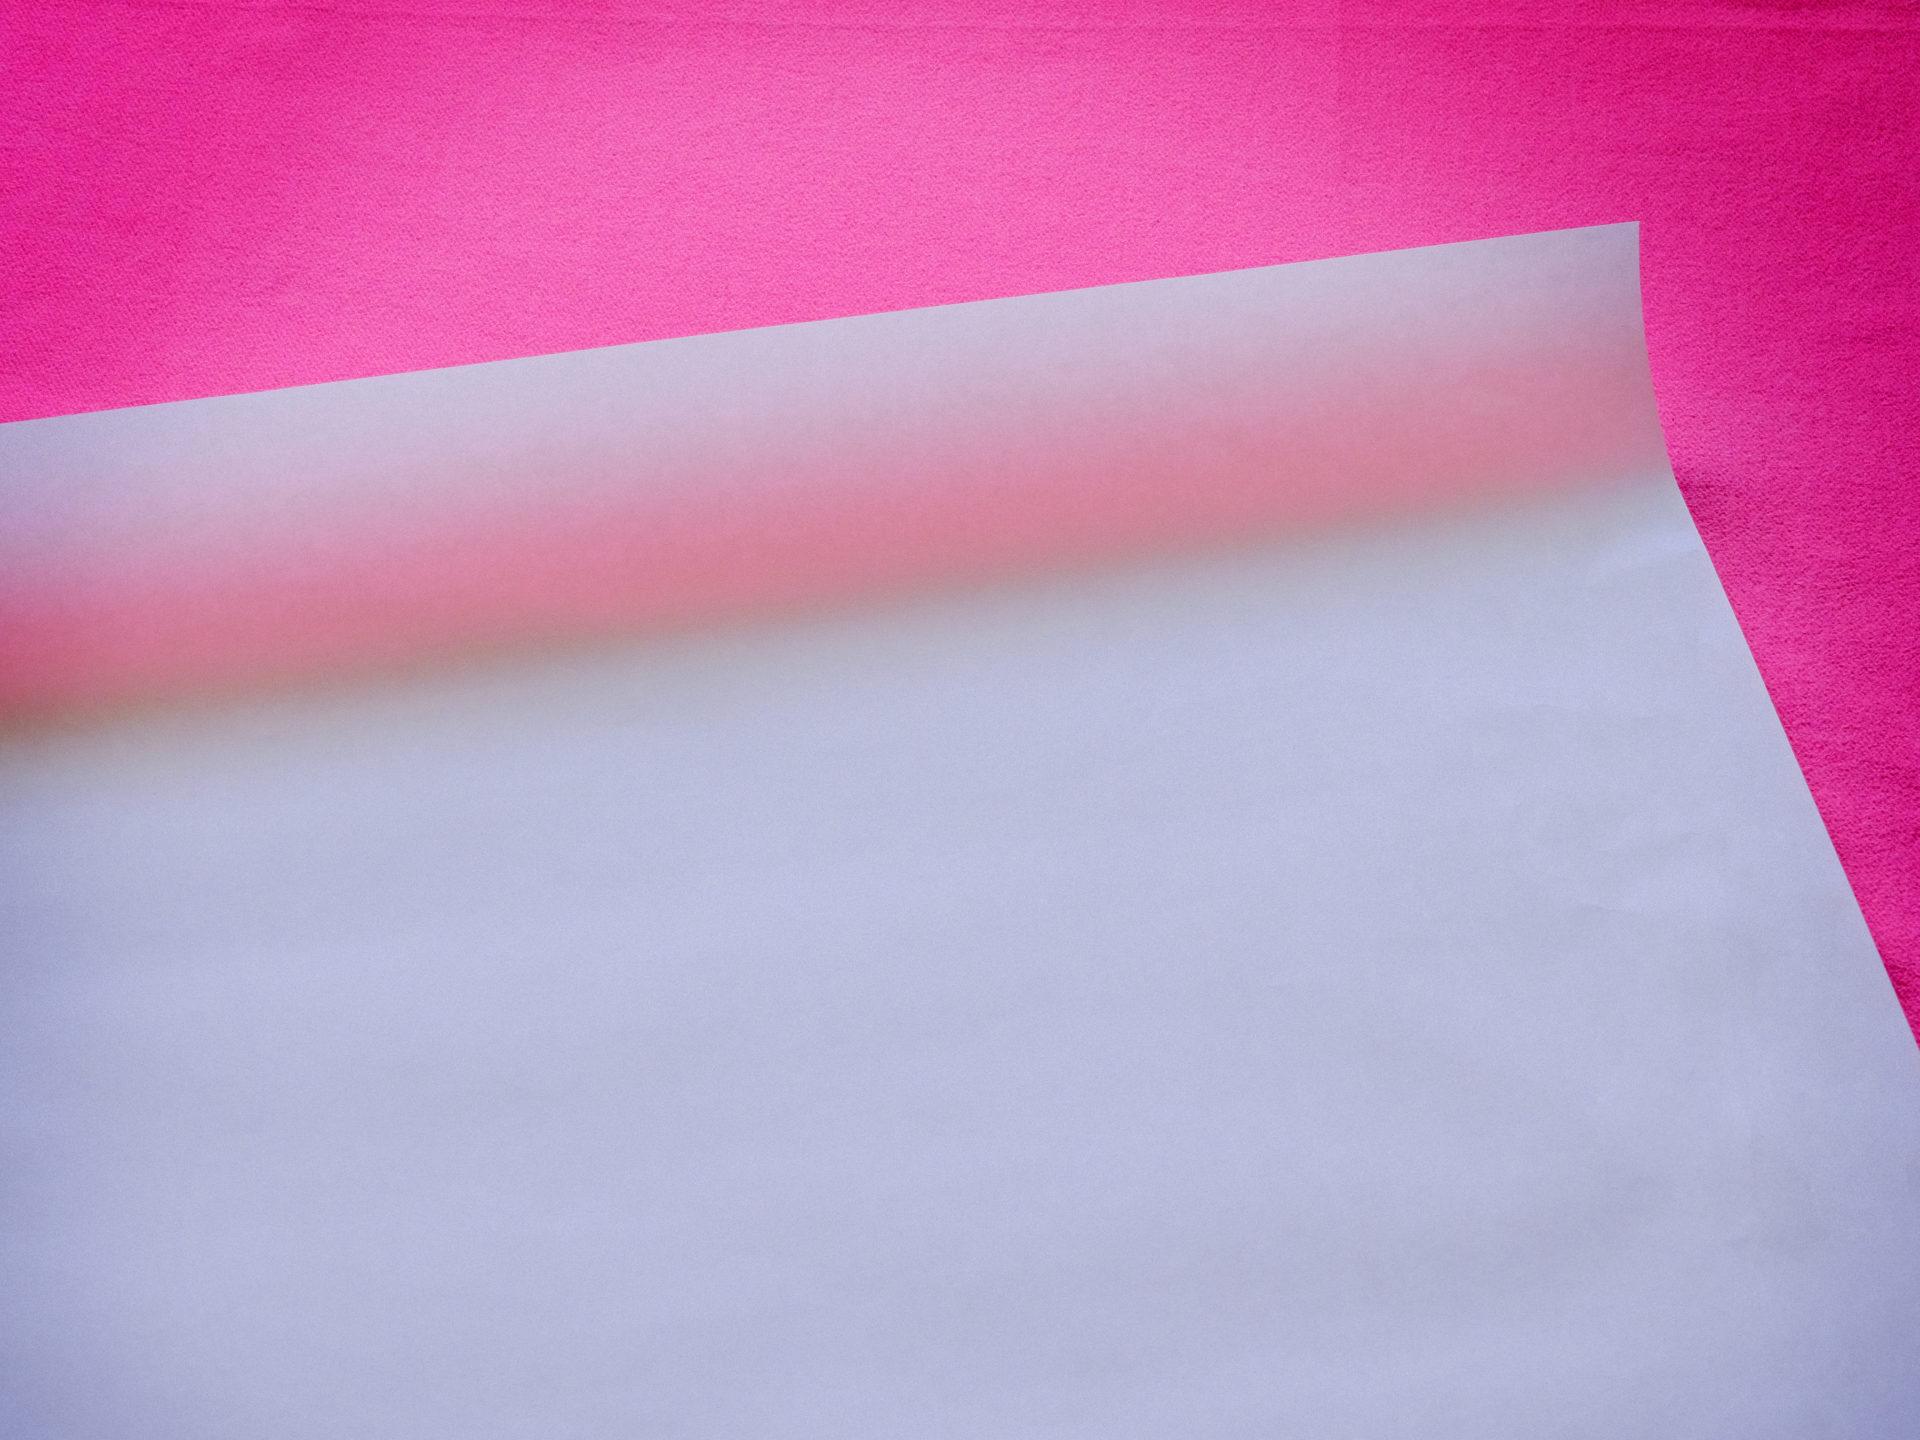 パターン用紙